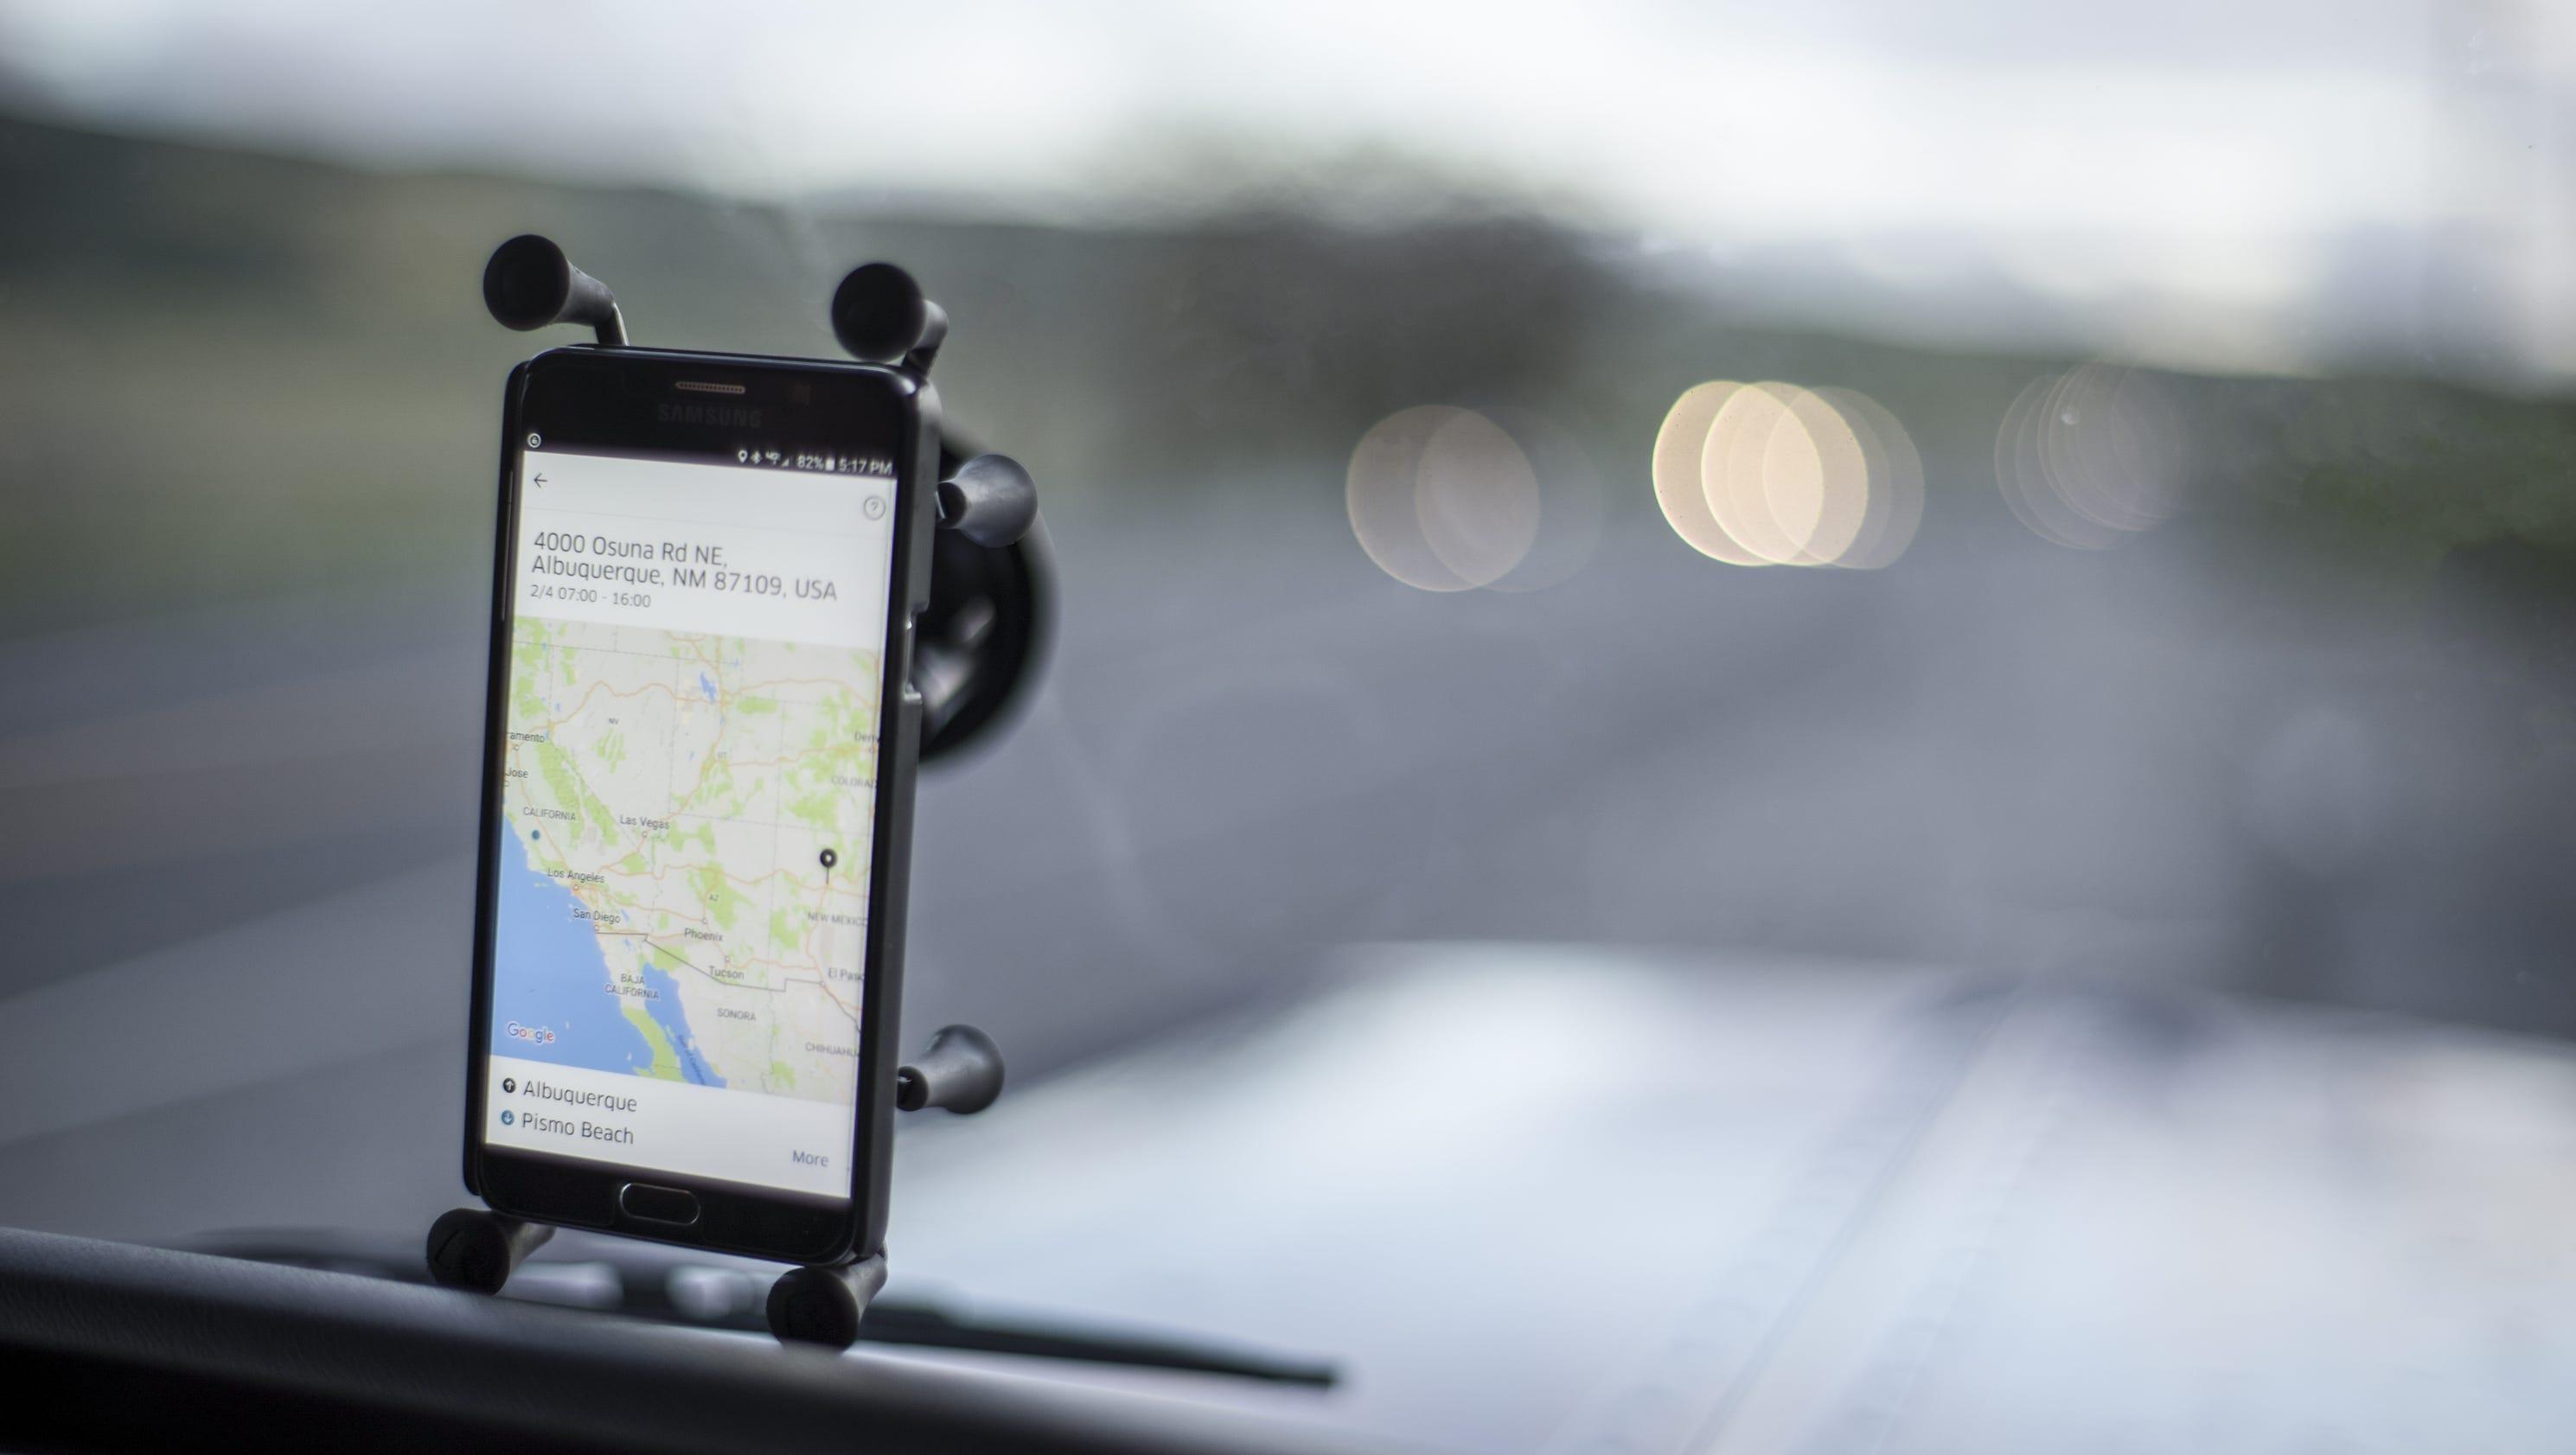 Regulators strip Uber of London operating license